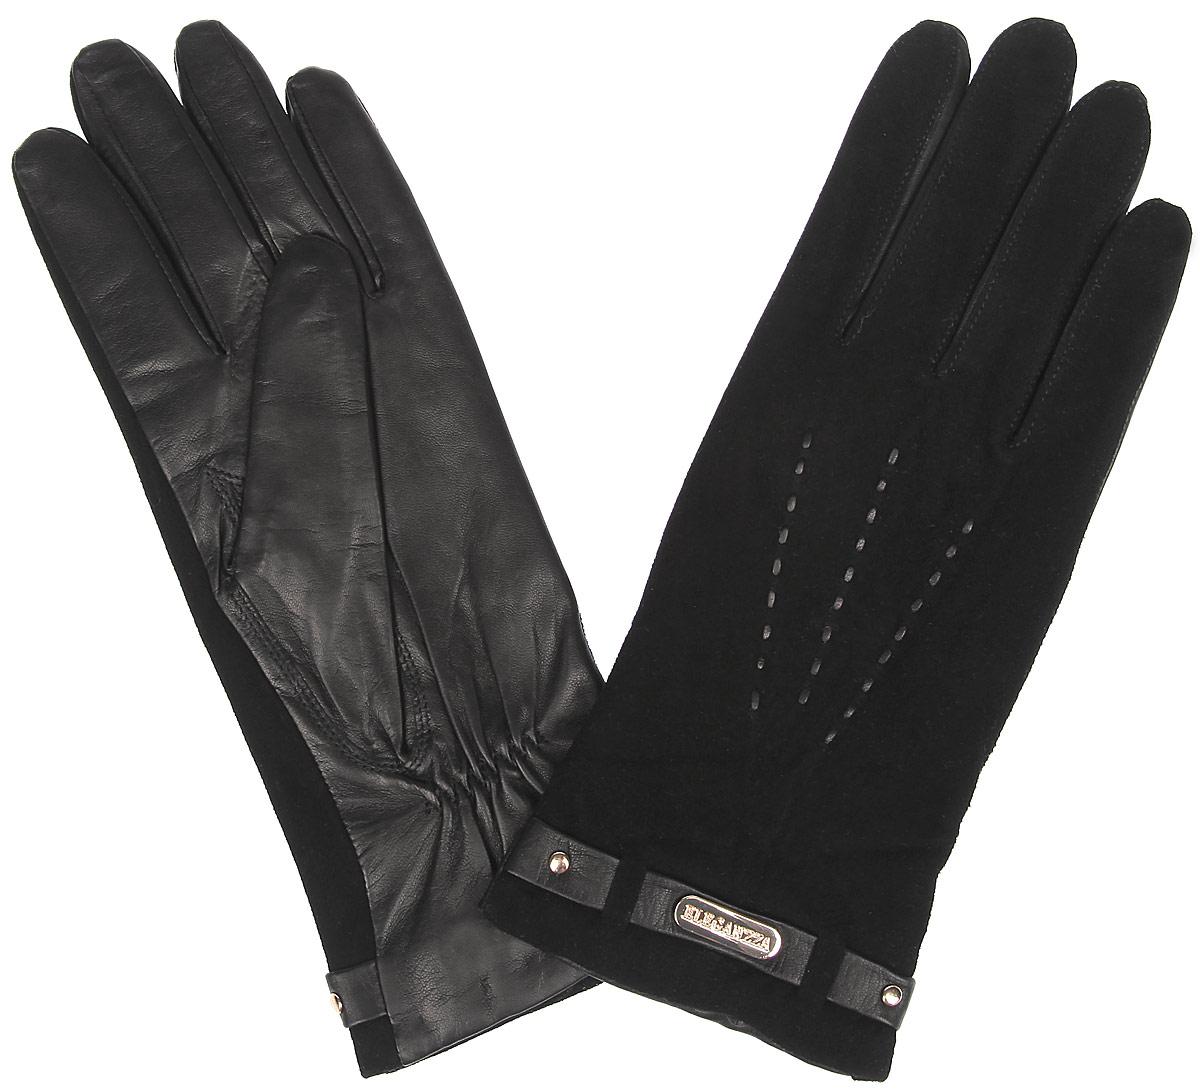 Перчатки женские. HP09123HP09123Стильные женские перчатки Eleganzza не только защитят ваши руки от холода, но и станут великолепным украшением. Ладонная часть модели выполнена из натуральной кожи с гладкой поверхностью, тыльная сторона - из натуральной замши. Модель оформлена кожаным плетением три луча и декоративным кожаным ремешком с металлическим элементом с надписью Eleganzza. На запястье изделие дополнено стяжкой. В настоящее время перчатки являются неотъемлемой частью гардероба, вместе с этим аксессуаром вы обретаете женственность и элегантность. Перчатки станут завершающим и подчеркивающим элементом вашего стиля и неповторимости.